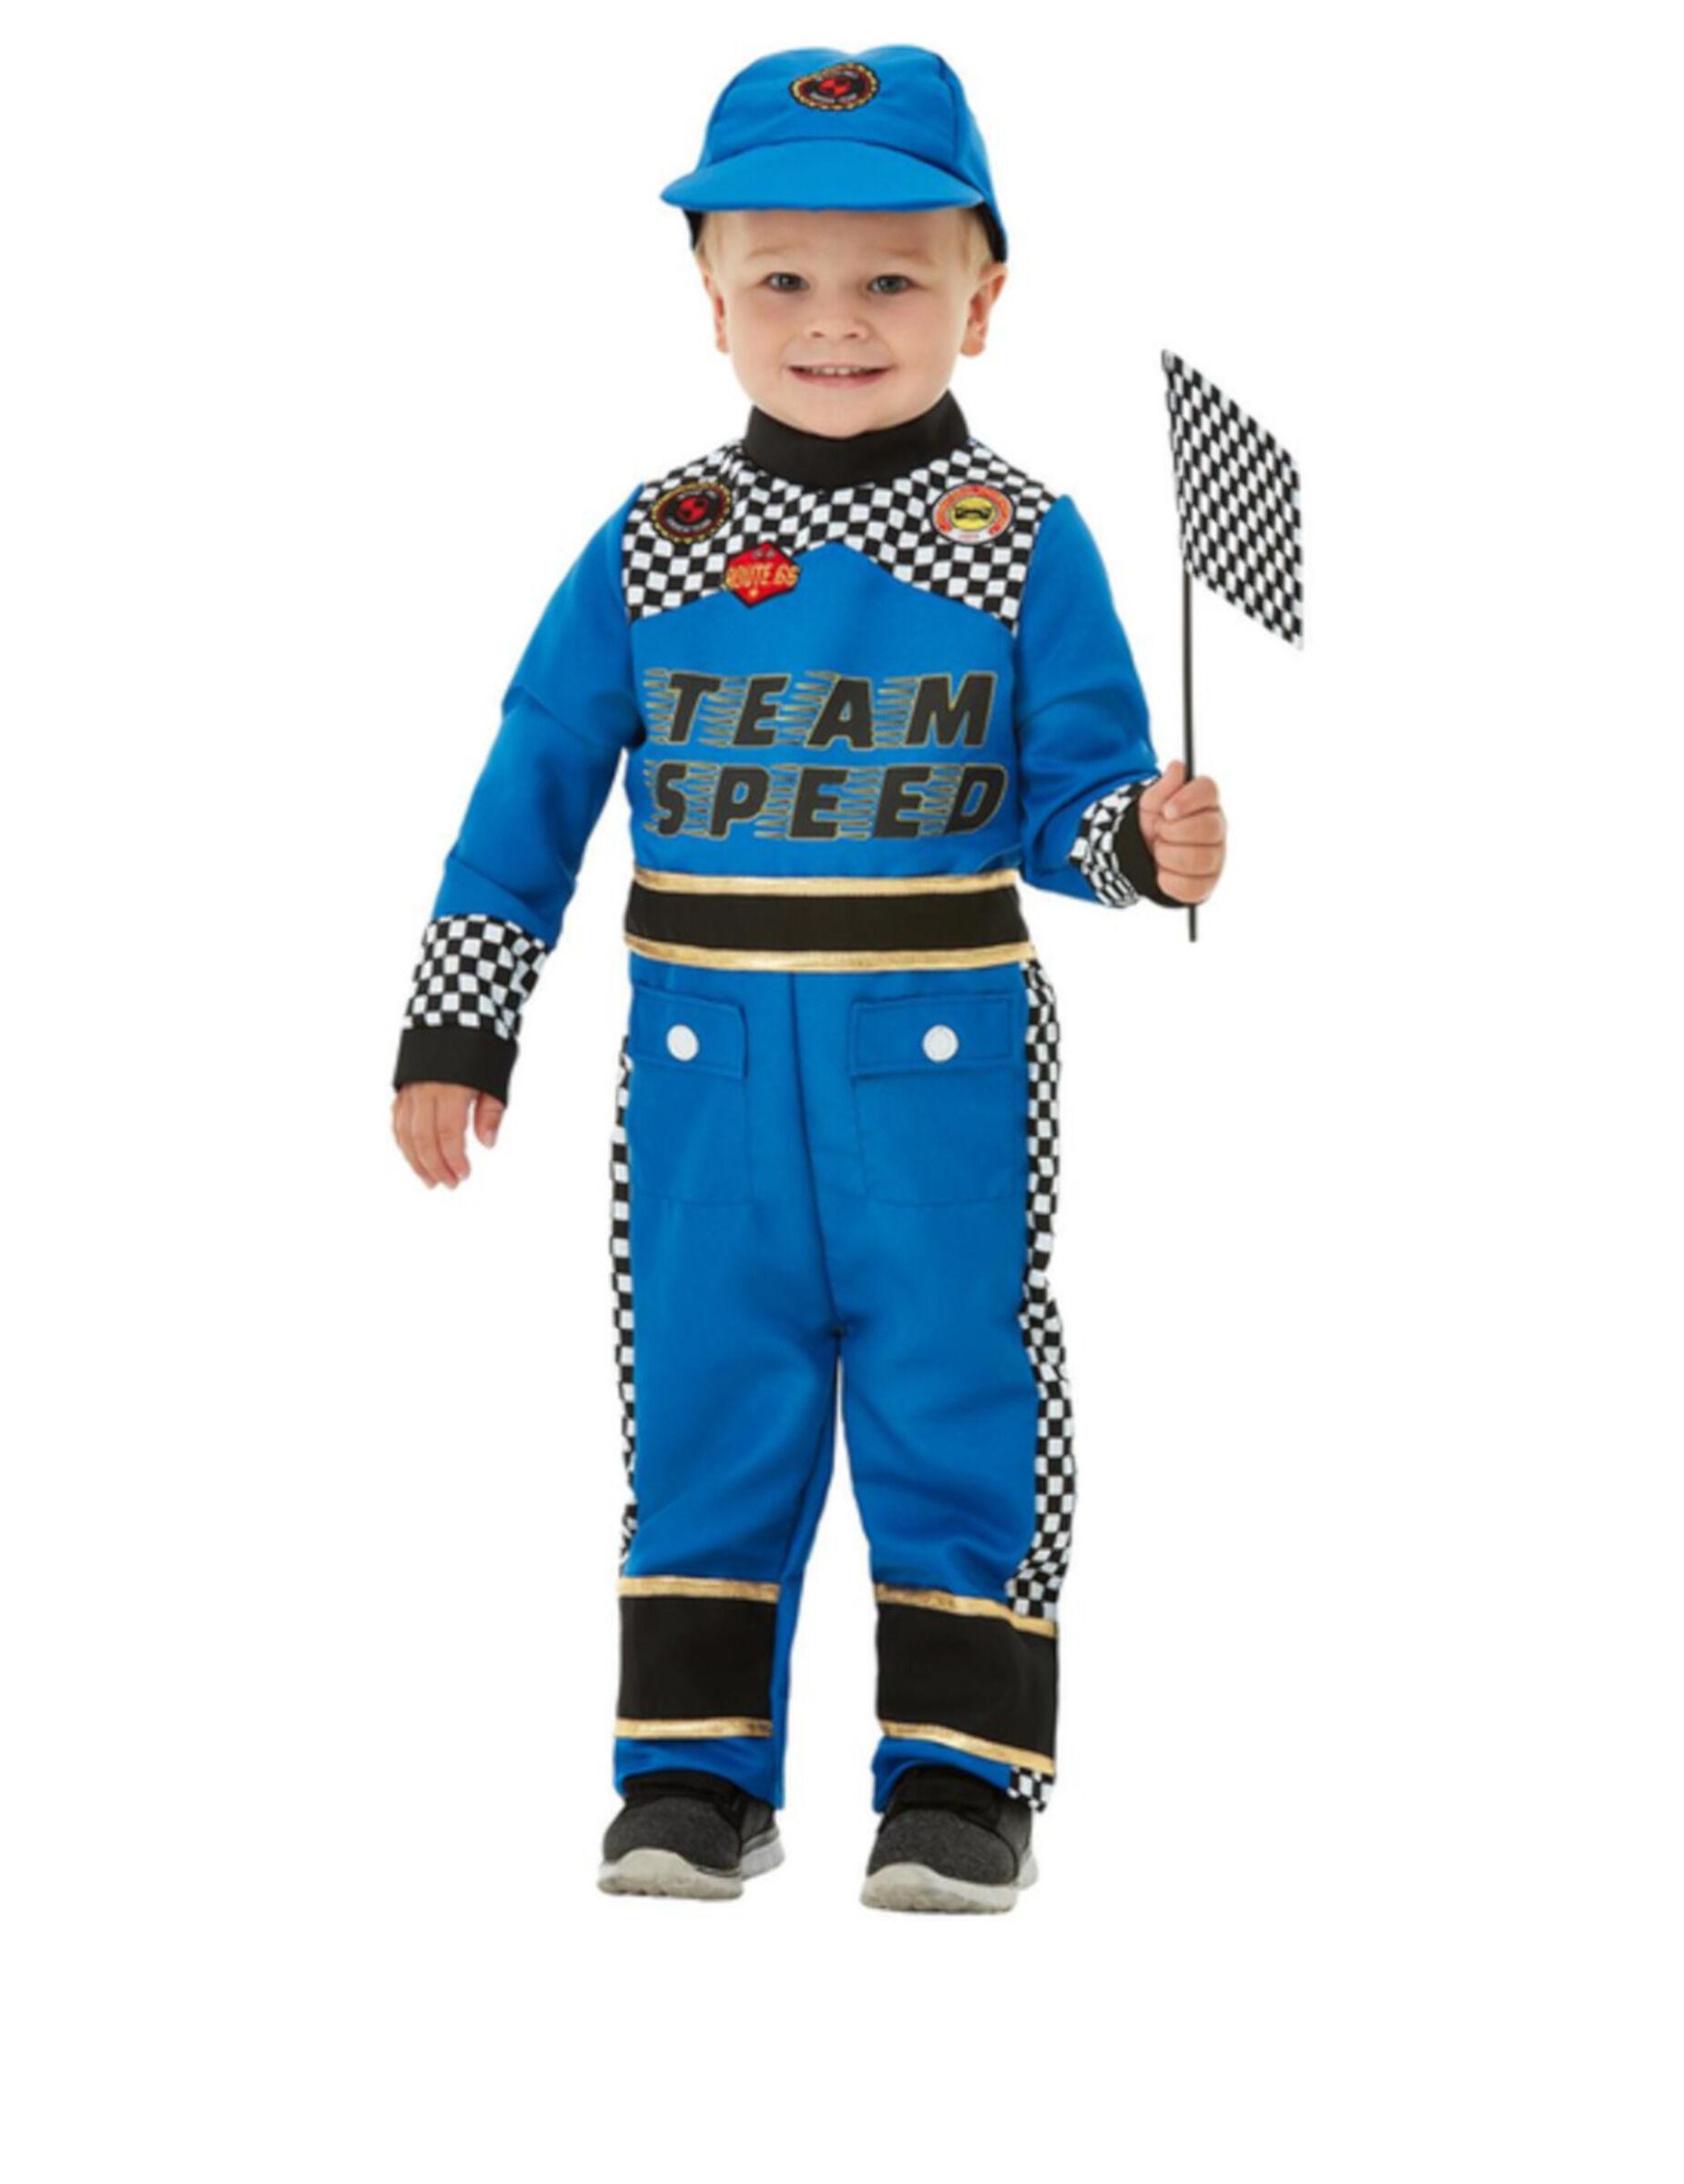 Deguisetoi Déguisement pilote de voiture de course bleu bébé - Taille: 3-4 ans (97/117 cm)